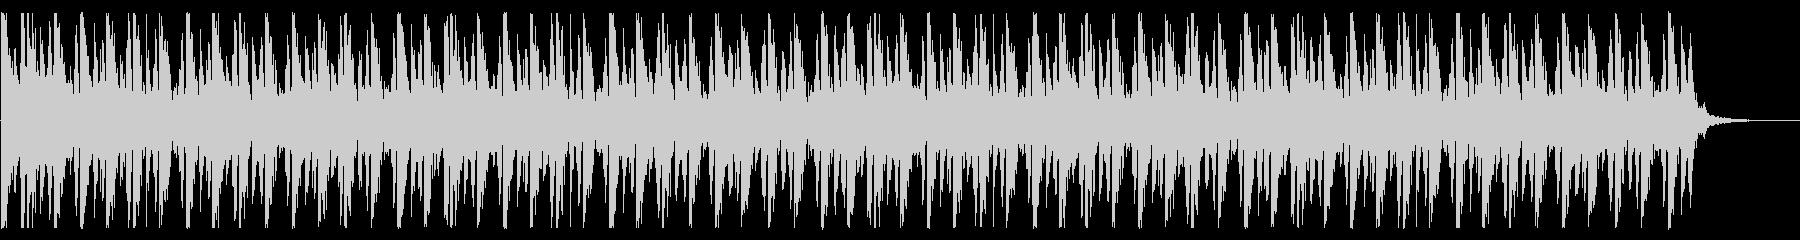 古代遺跡/ジャングル_No664_5の未再生の波形